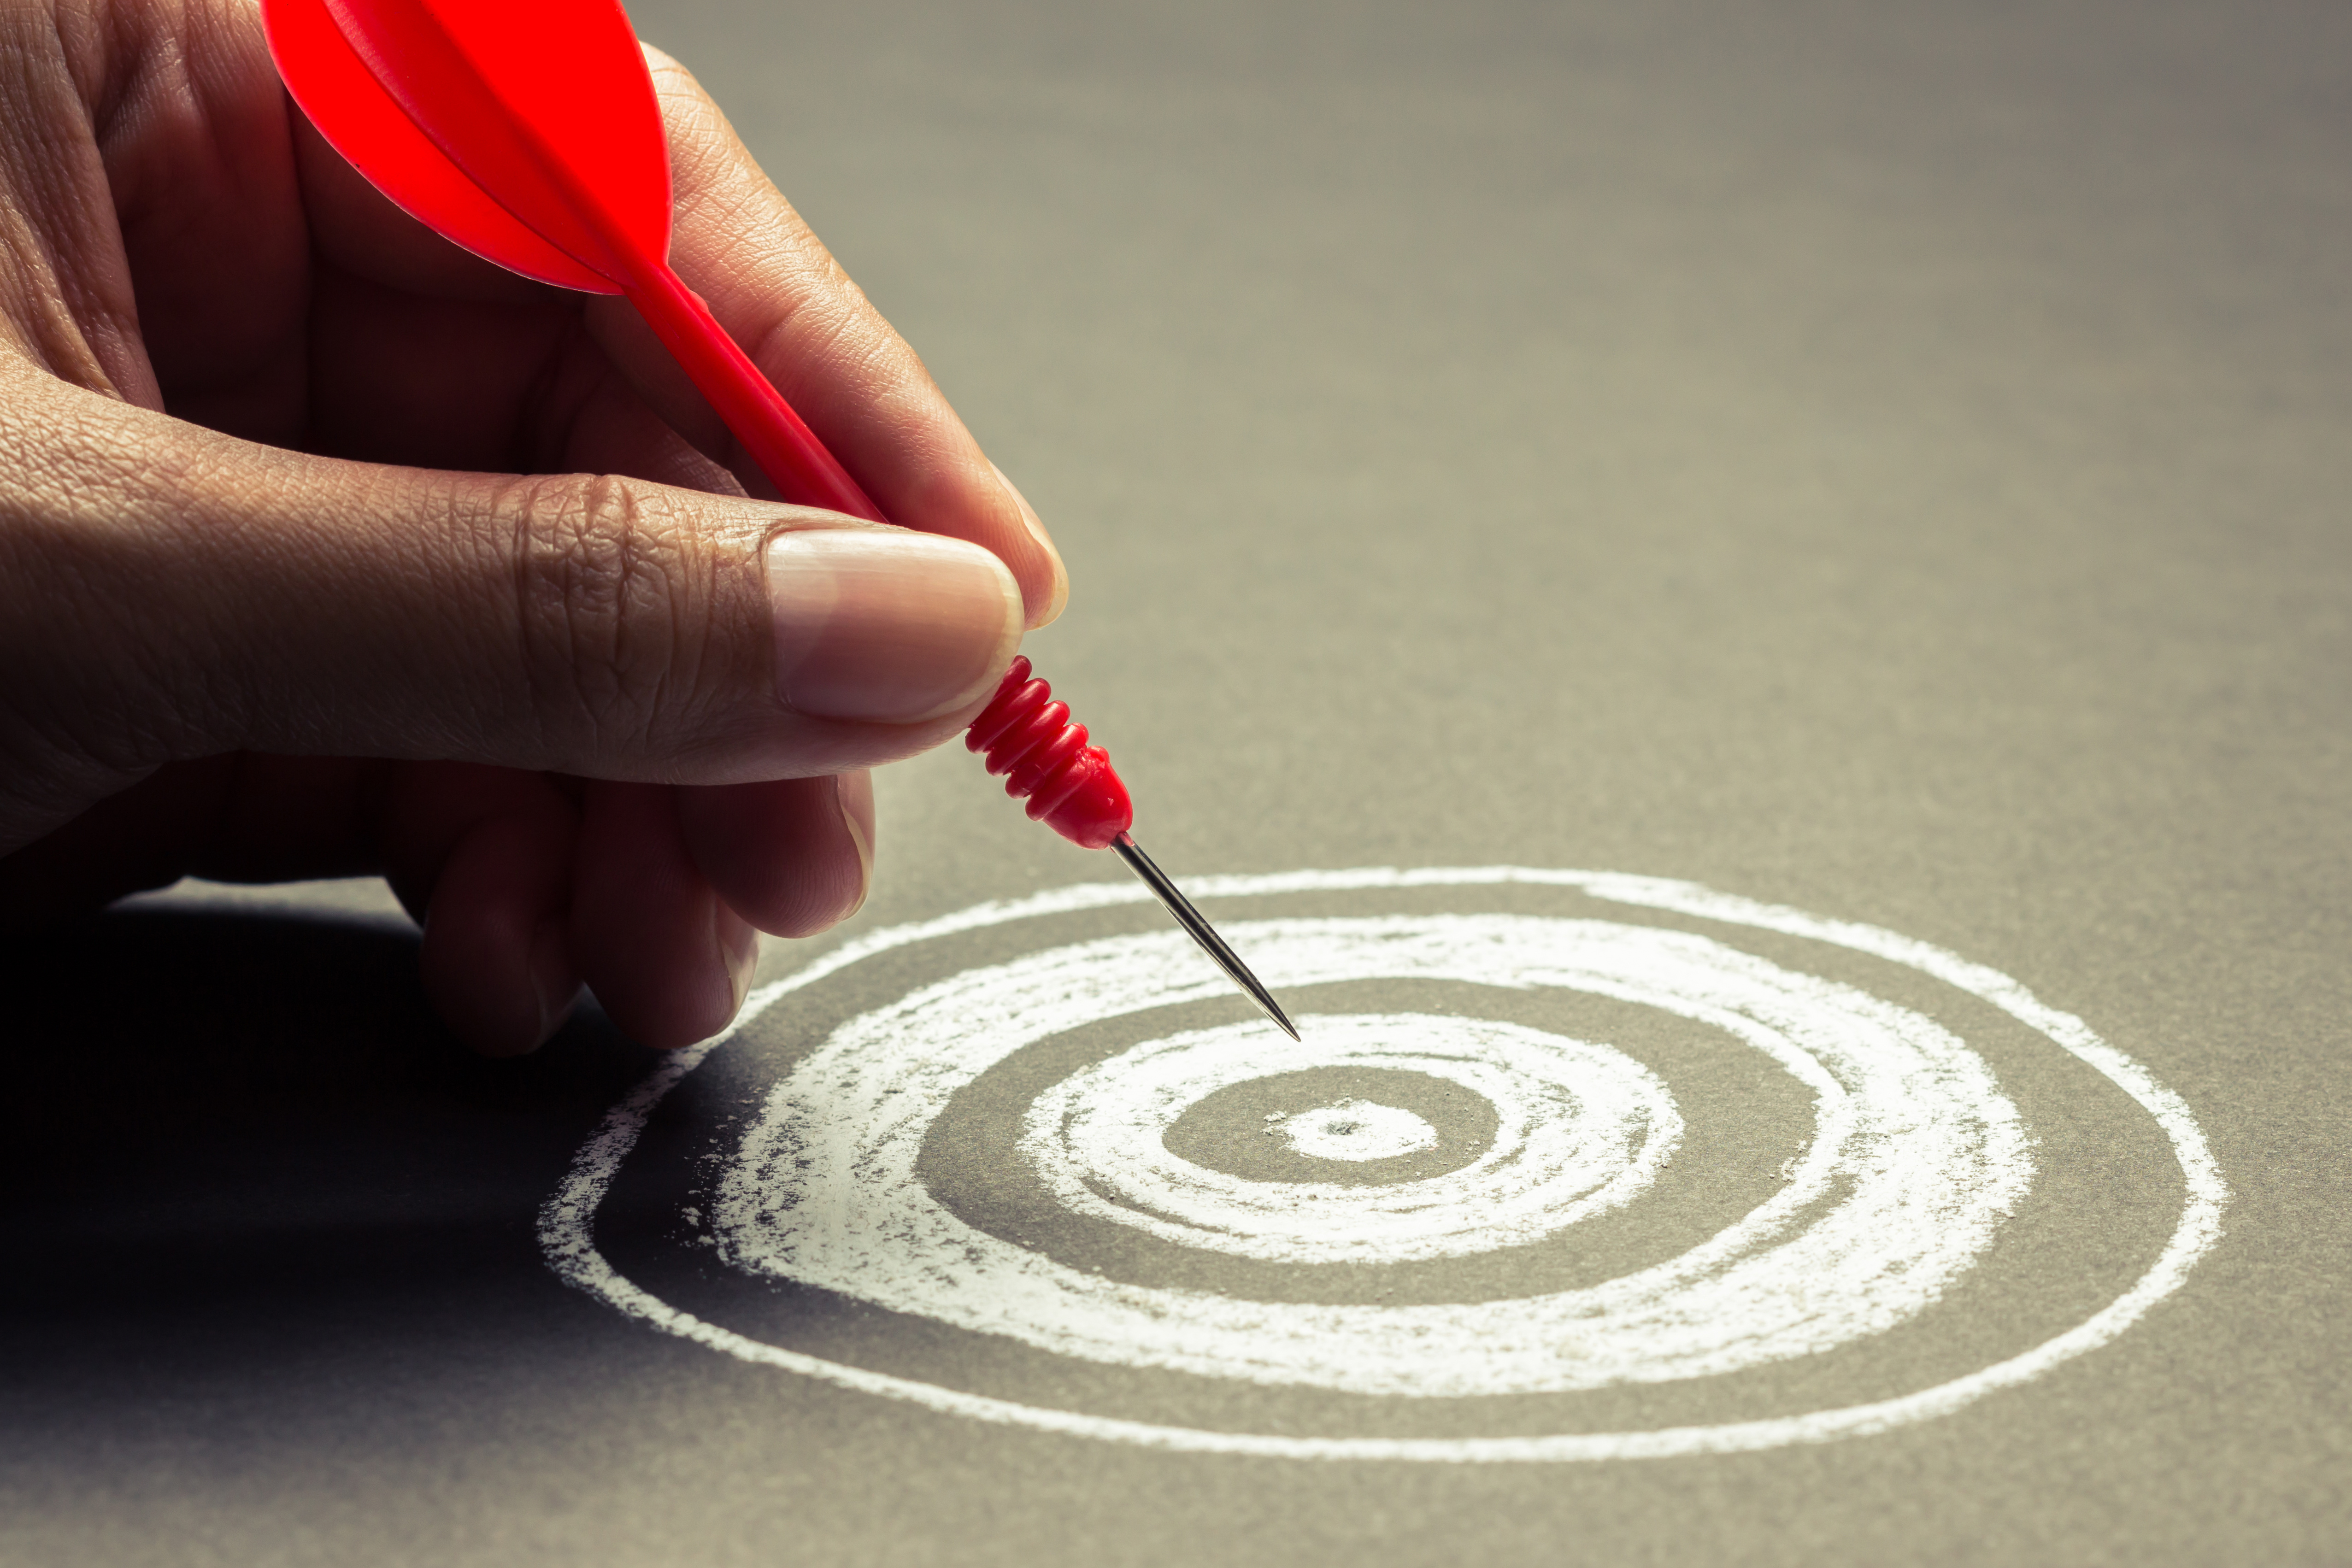 販促品の効果アップに必要な5つのこと